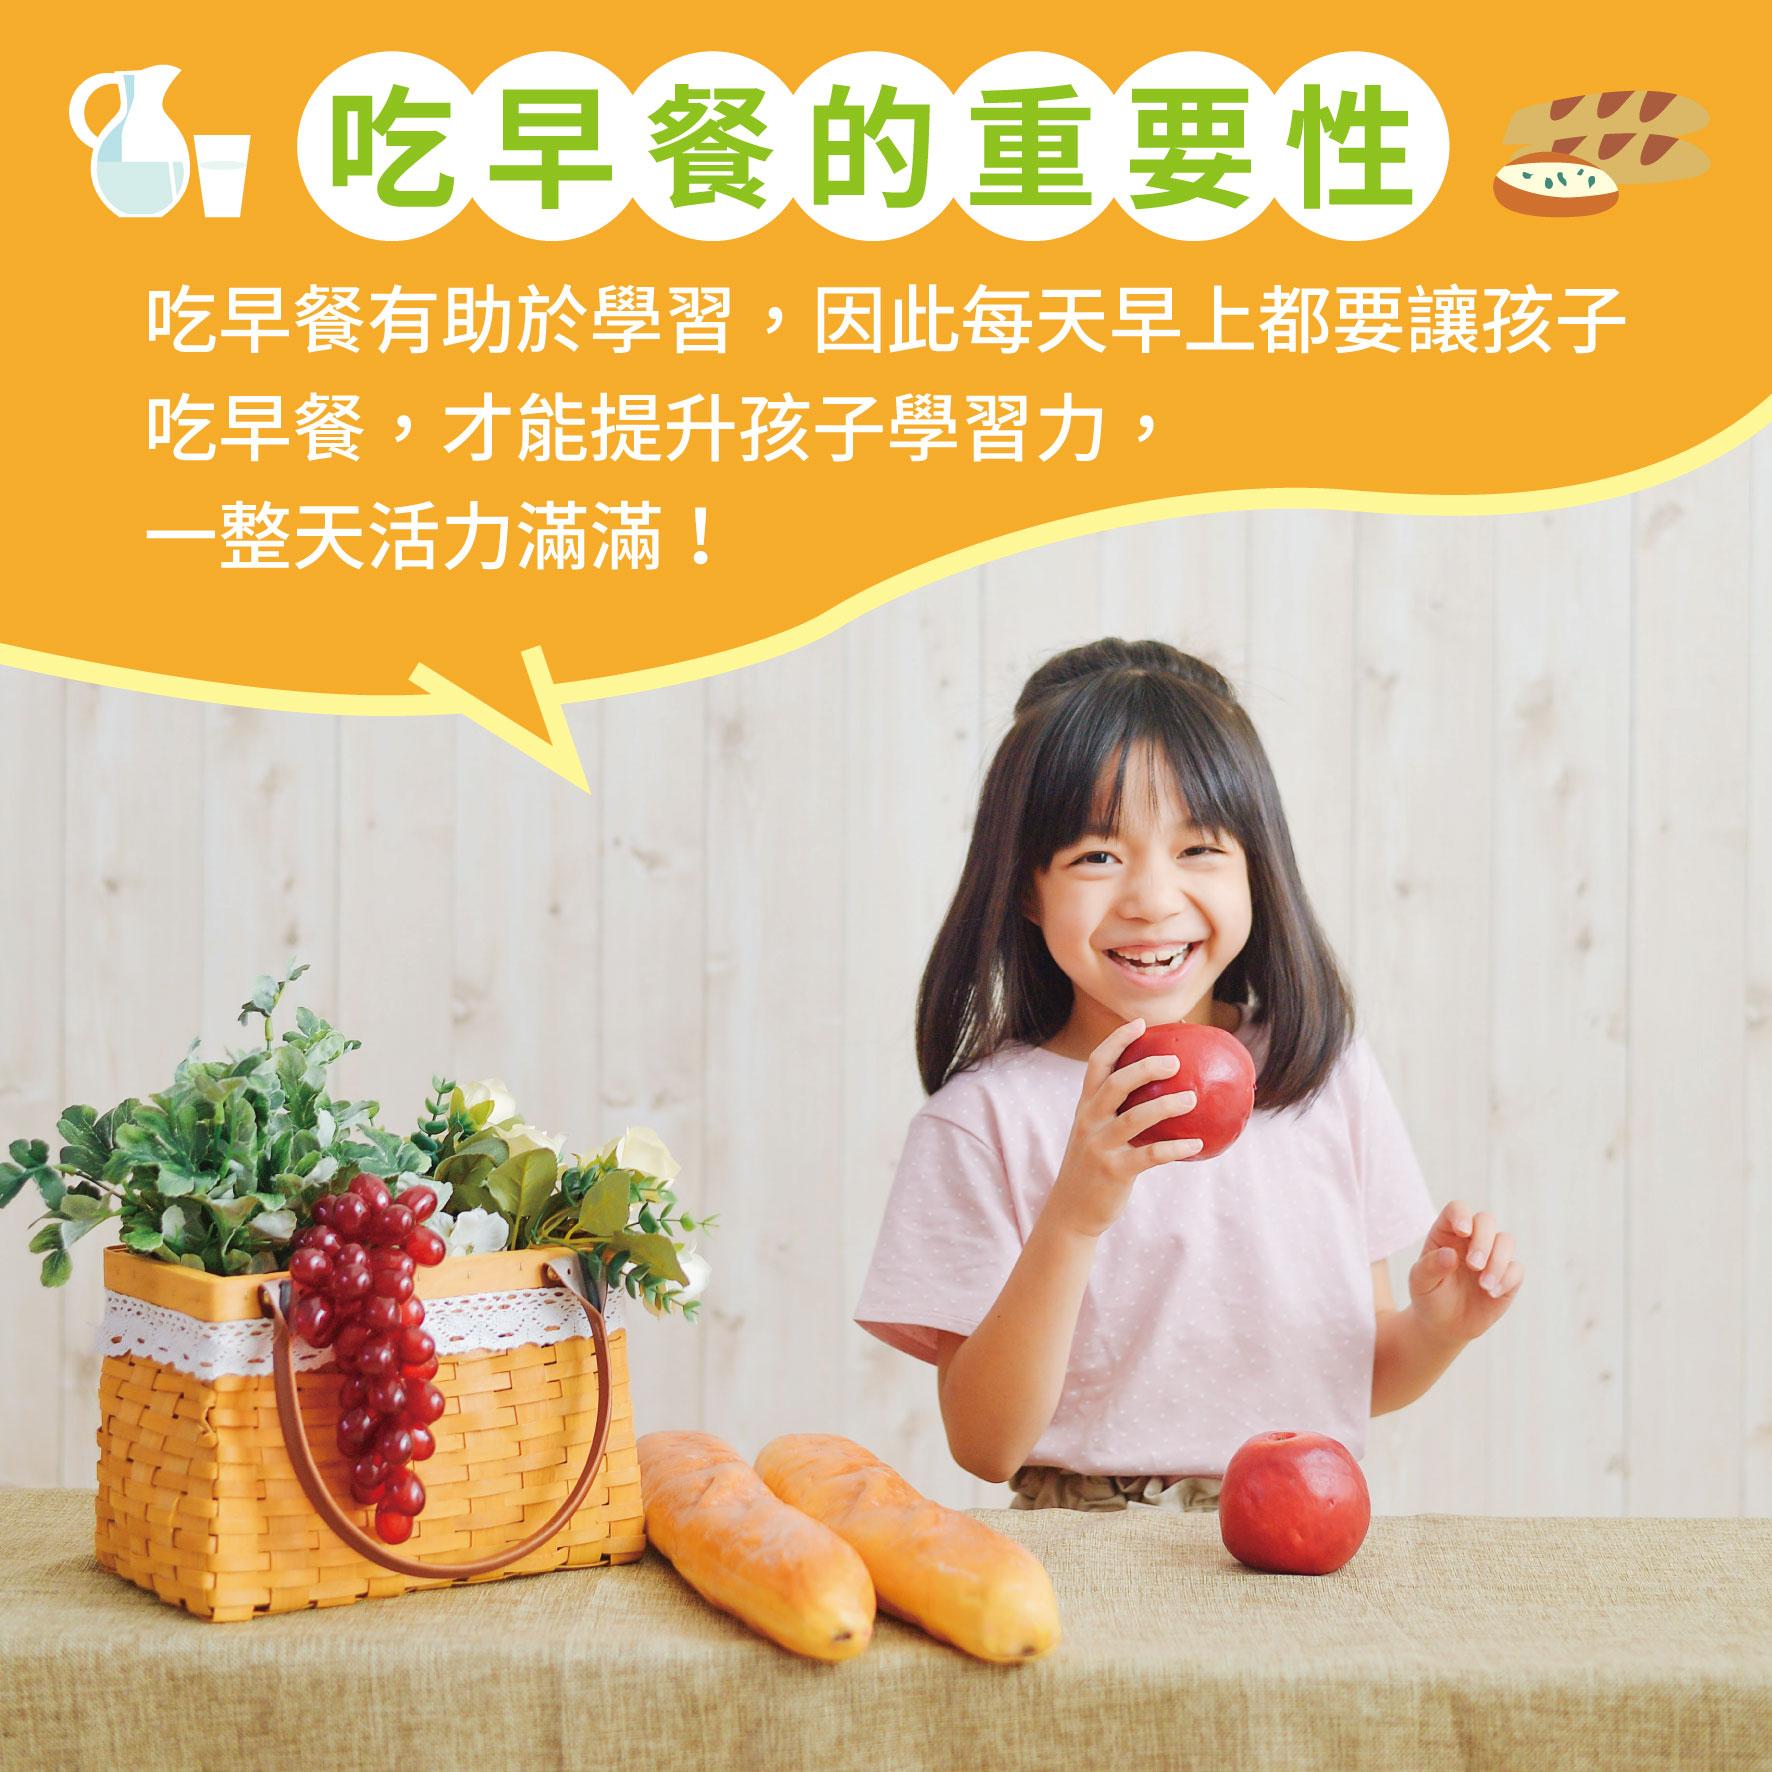 幼兒6歲(第46週)吃早餐的重要性